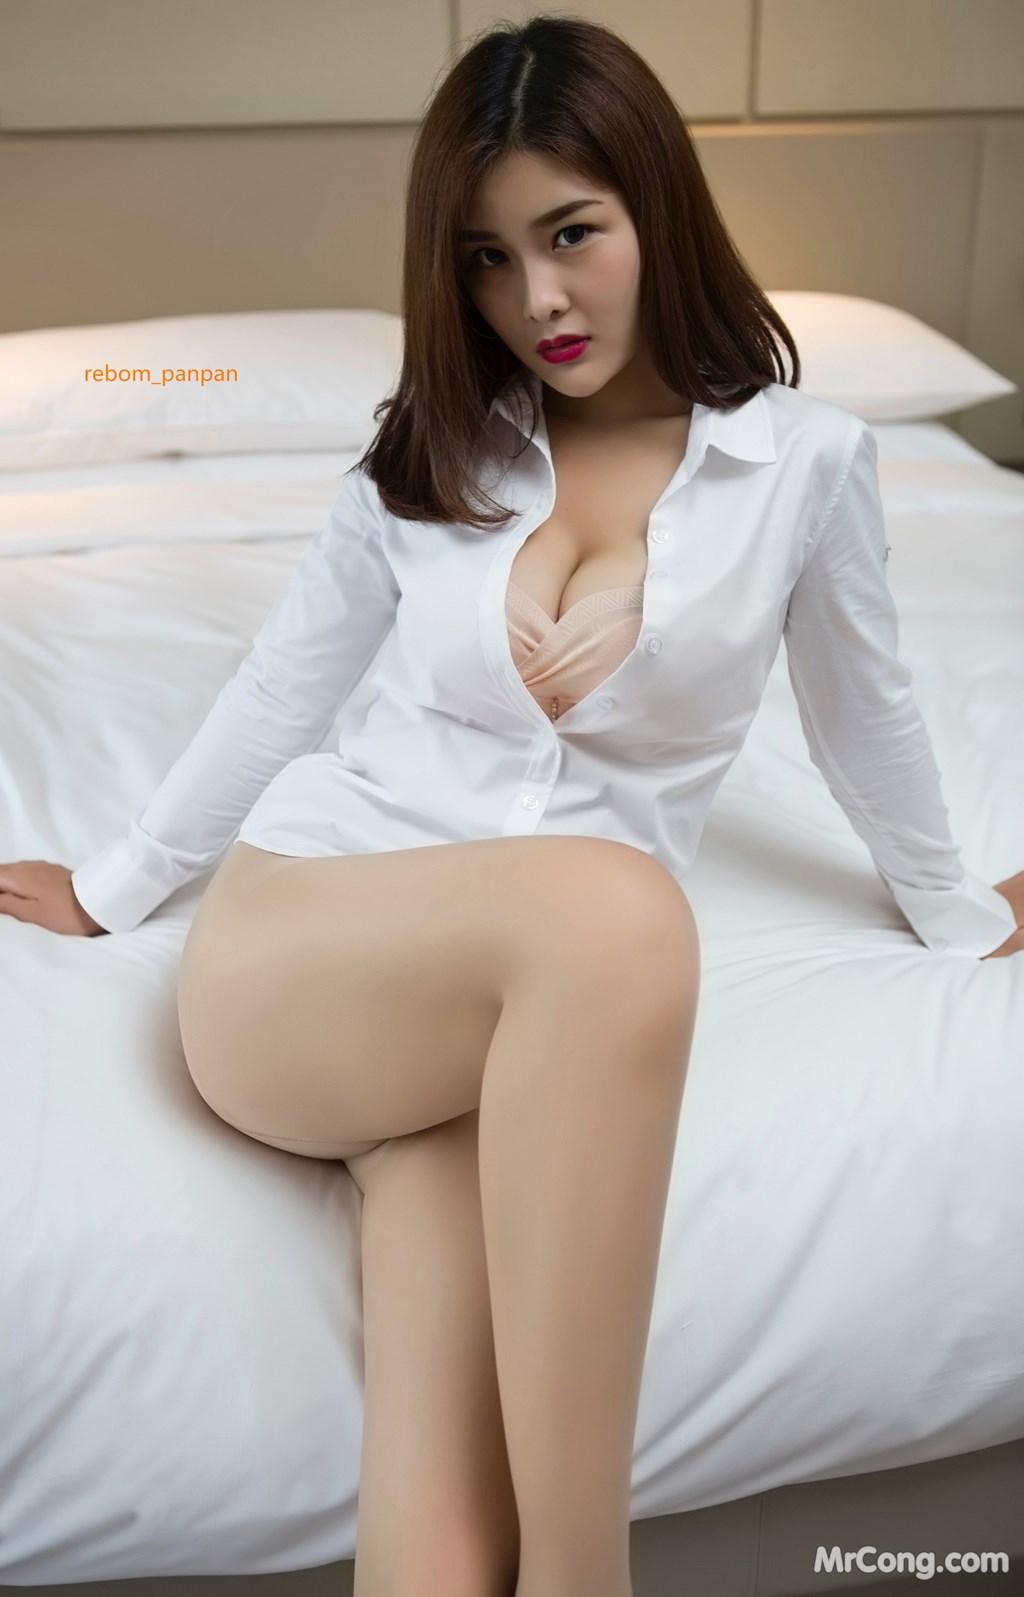 Image Yan-Pan-Pan-Part-4-MrCong.com-011 in post Người đẹp Yan Pan Pan (闫盼盼) hờ hững khoe vòng một trên giường ngủ (40 ảnh)